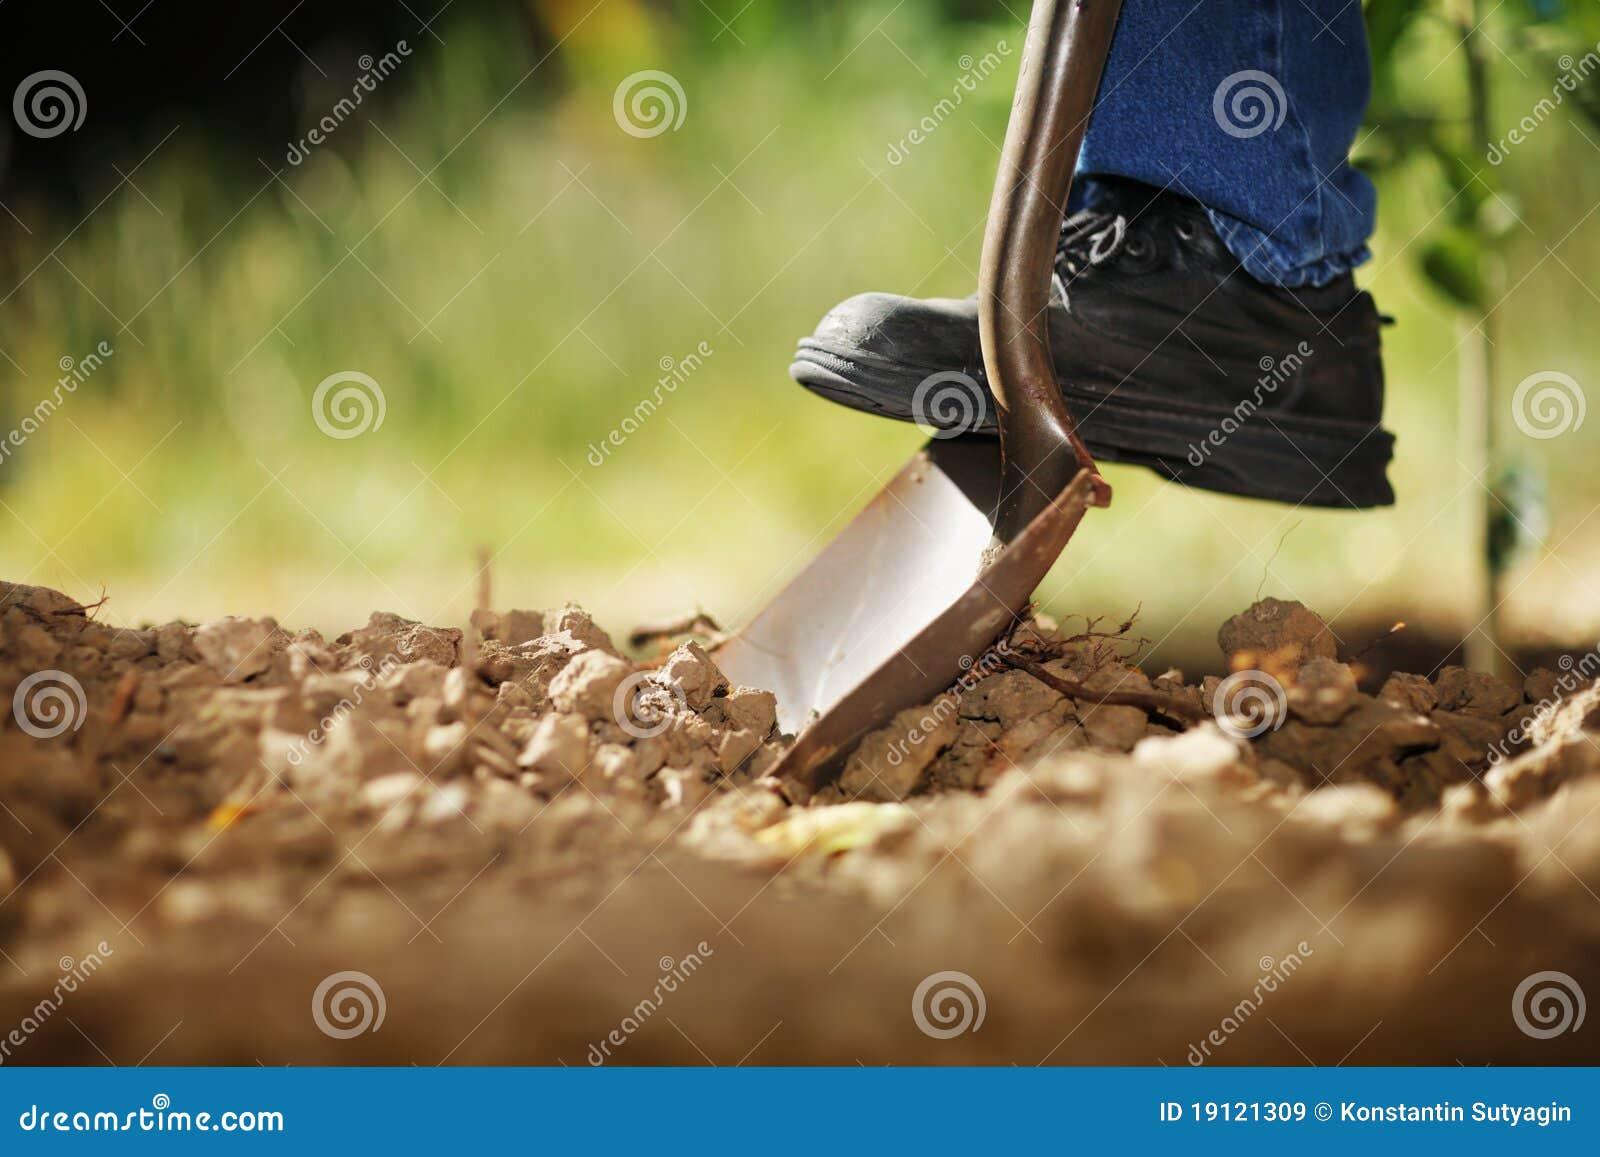 开掘的土壤